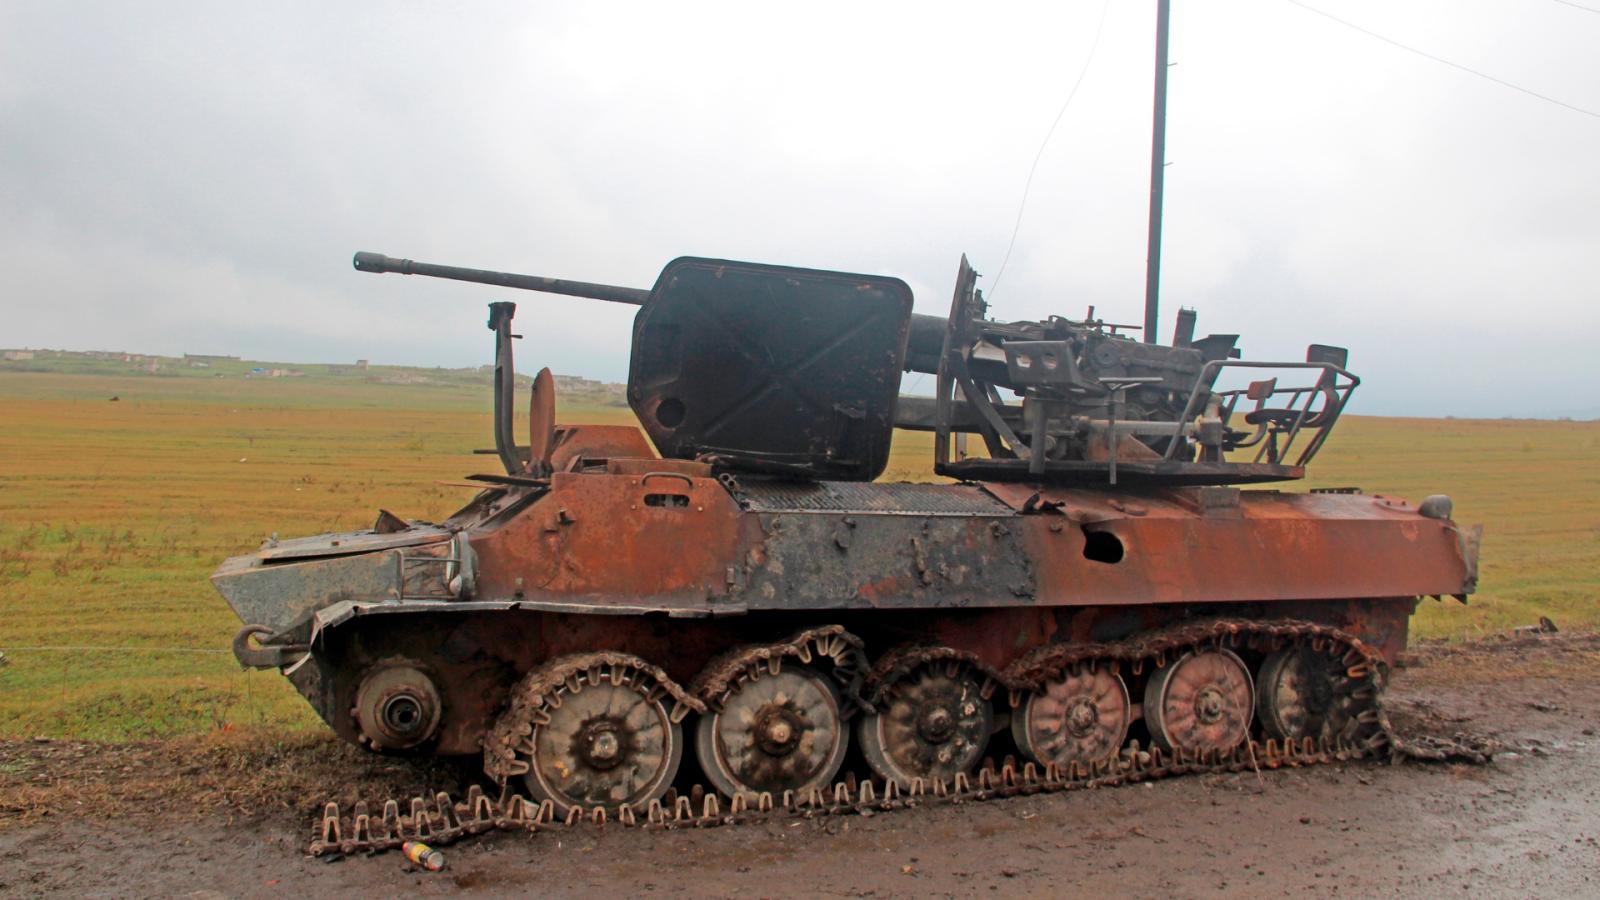 Reportajes 5 Continentes - 2020: Vuelve la guerra a Nagorno Karabaj - Escuchar ahora